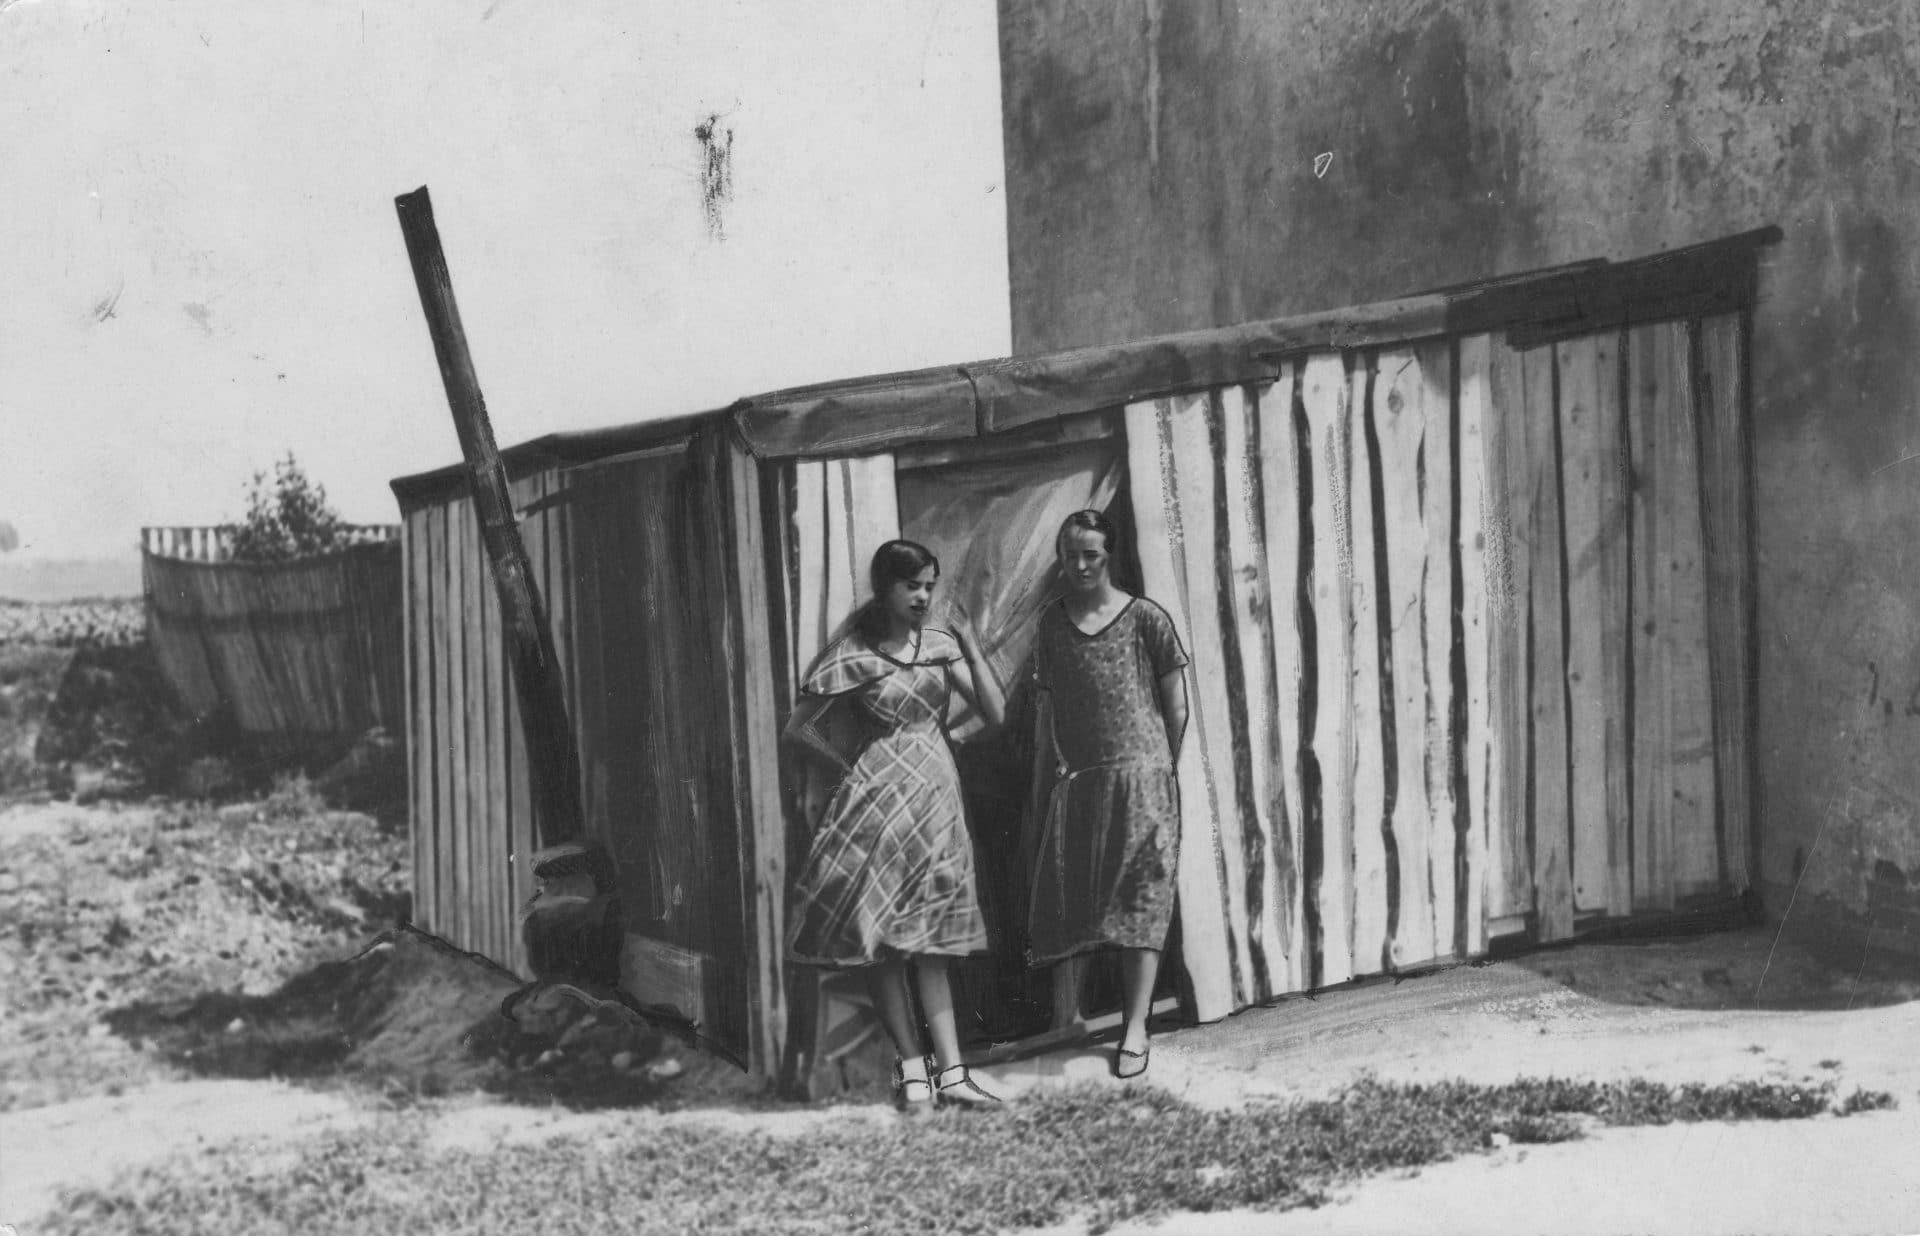 Dwie młode kobiety z bezrobotnej rodziny przed drewnianą szopą służącą za mieszkanie. Fot. Narodowe Archiwum Cyfrowe.